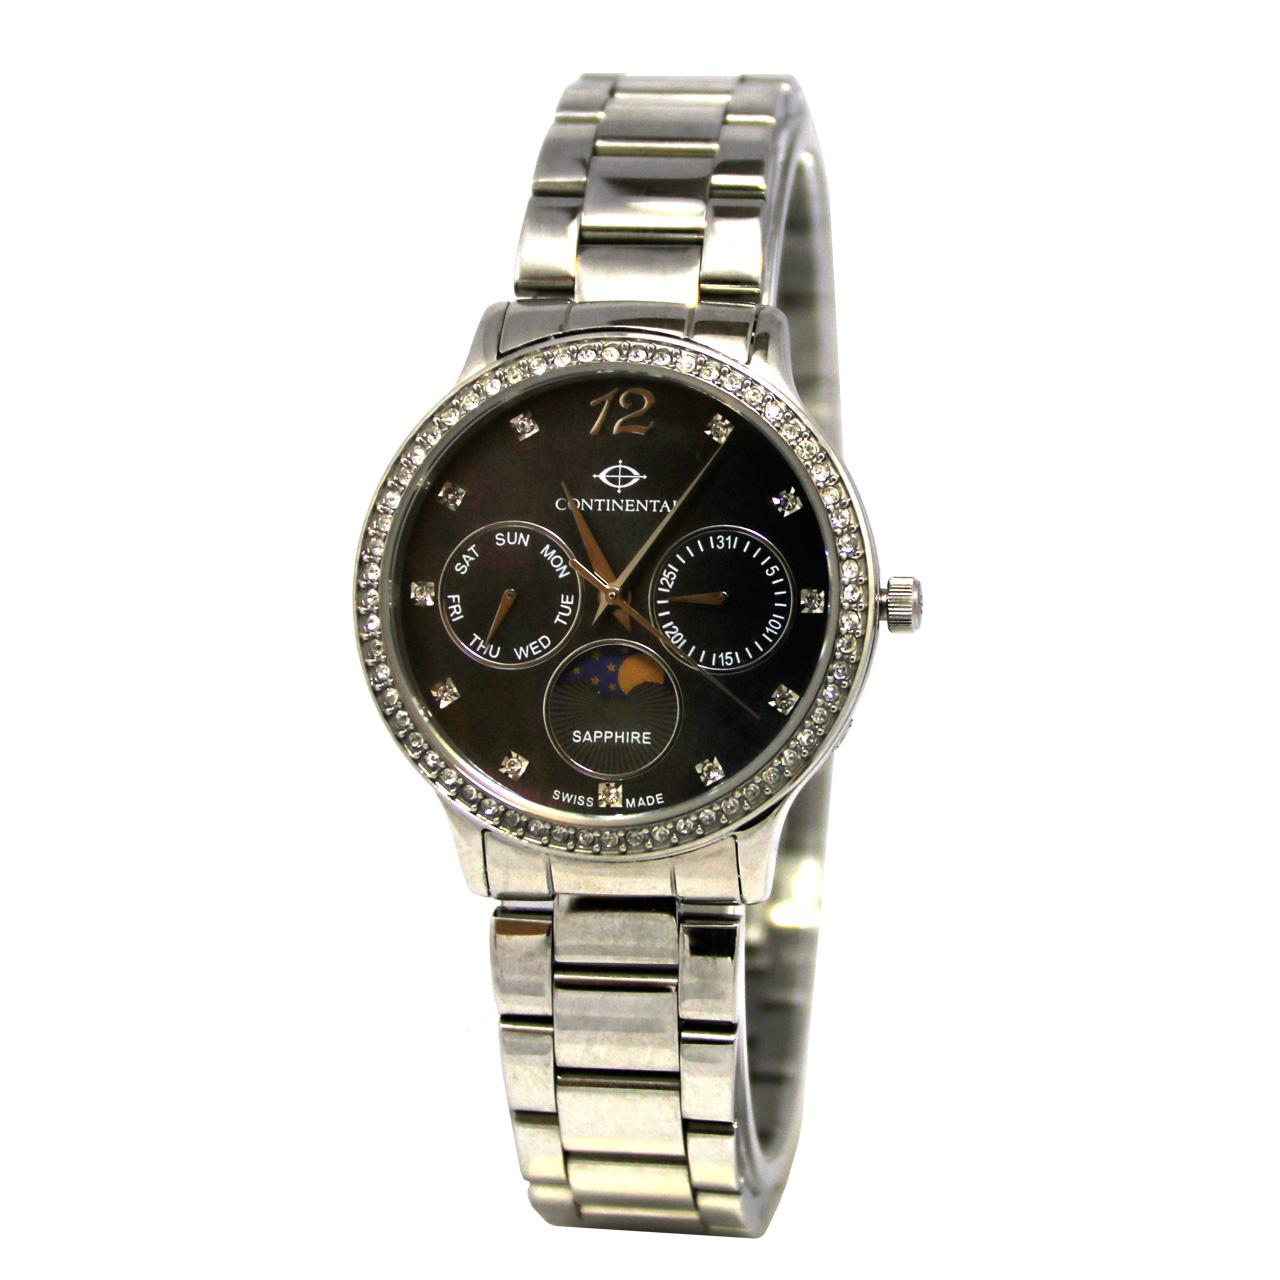 ساعت مچی عقربه ای زنانه کنتیننتال مدل 14602-204C 21